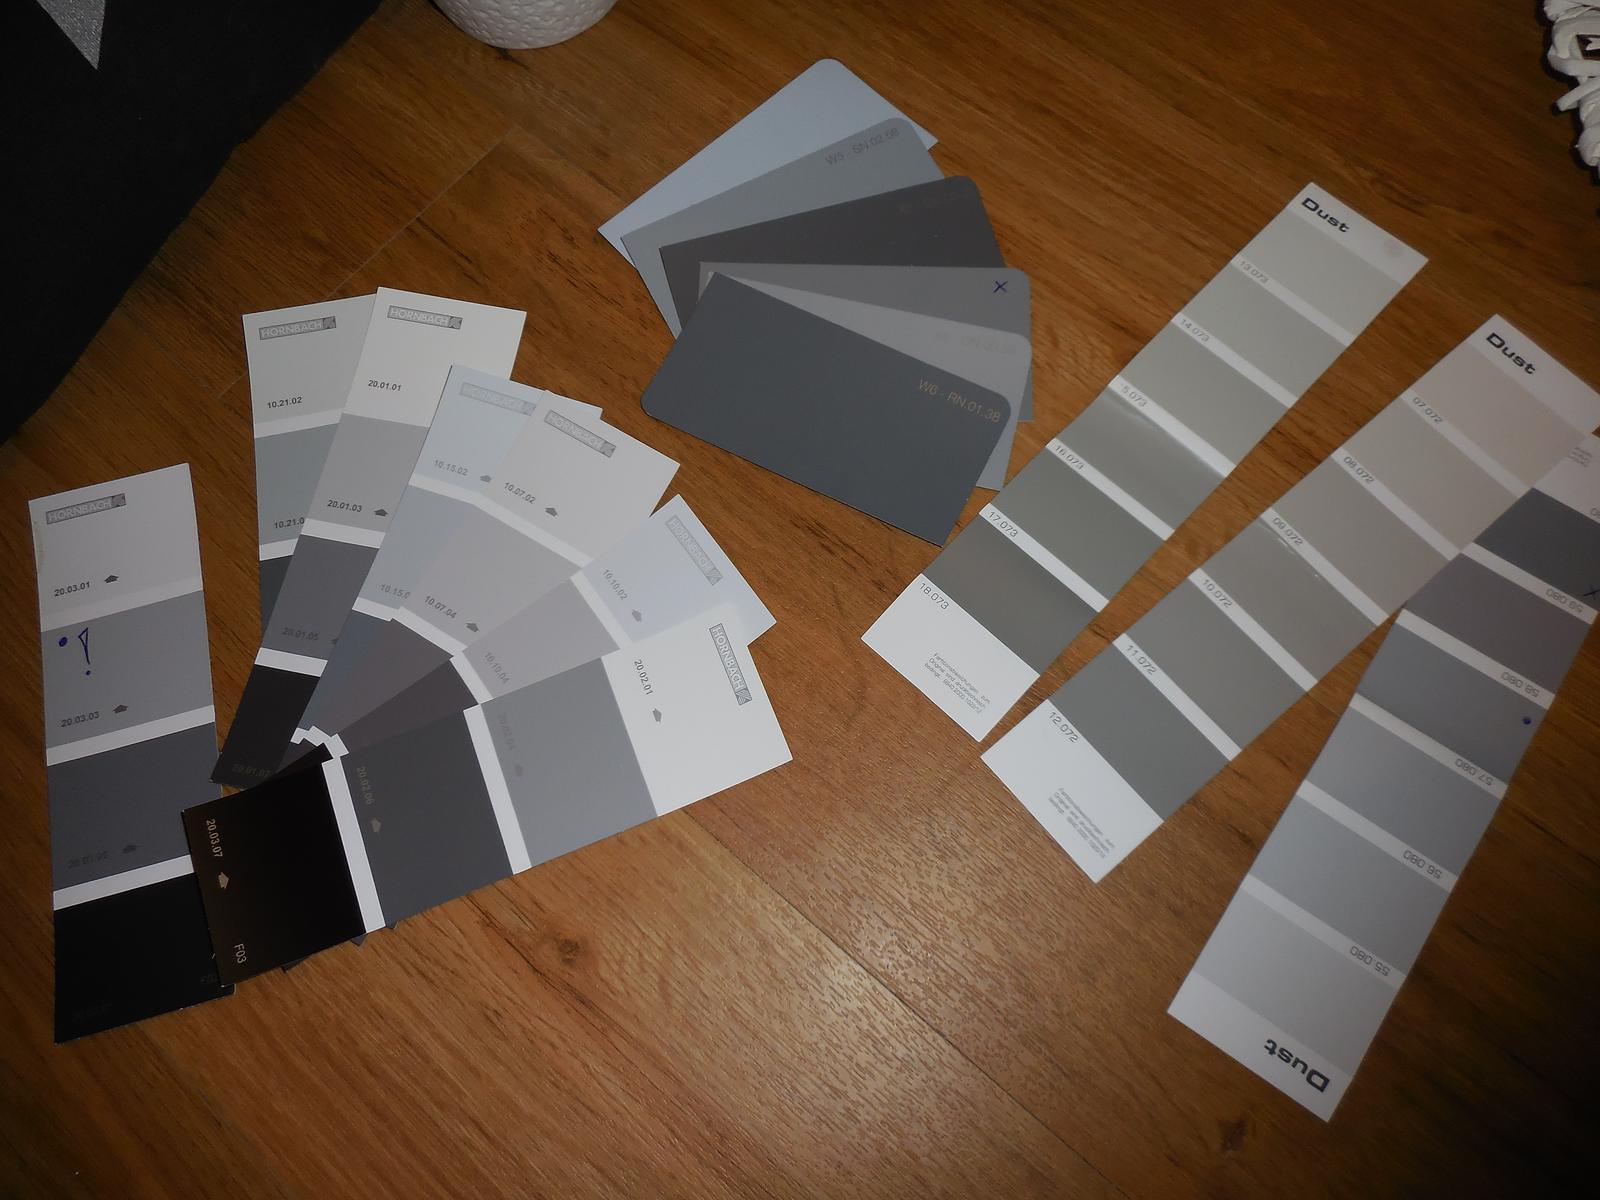 Náš domov :-) - vybíráme novou barvu do obýváku